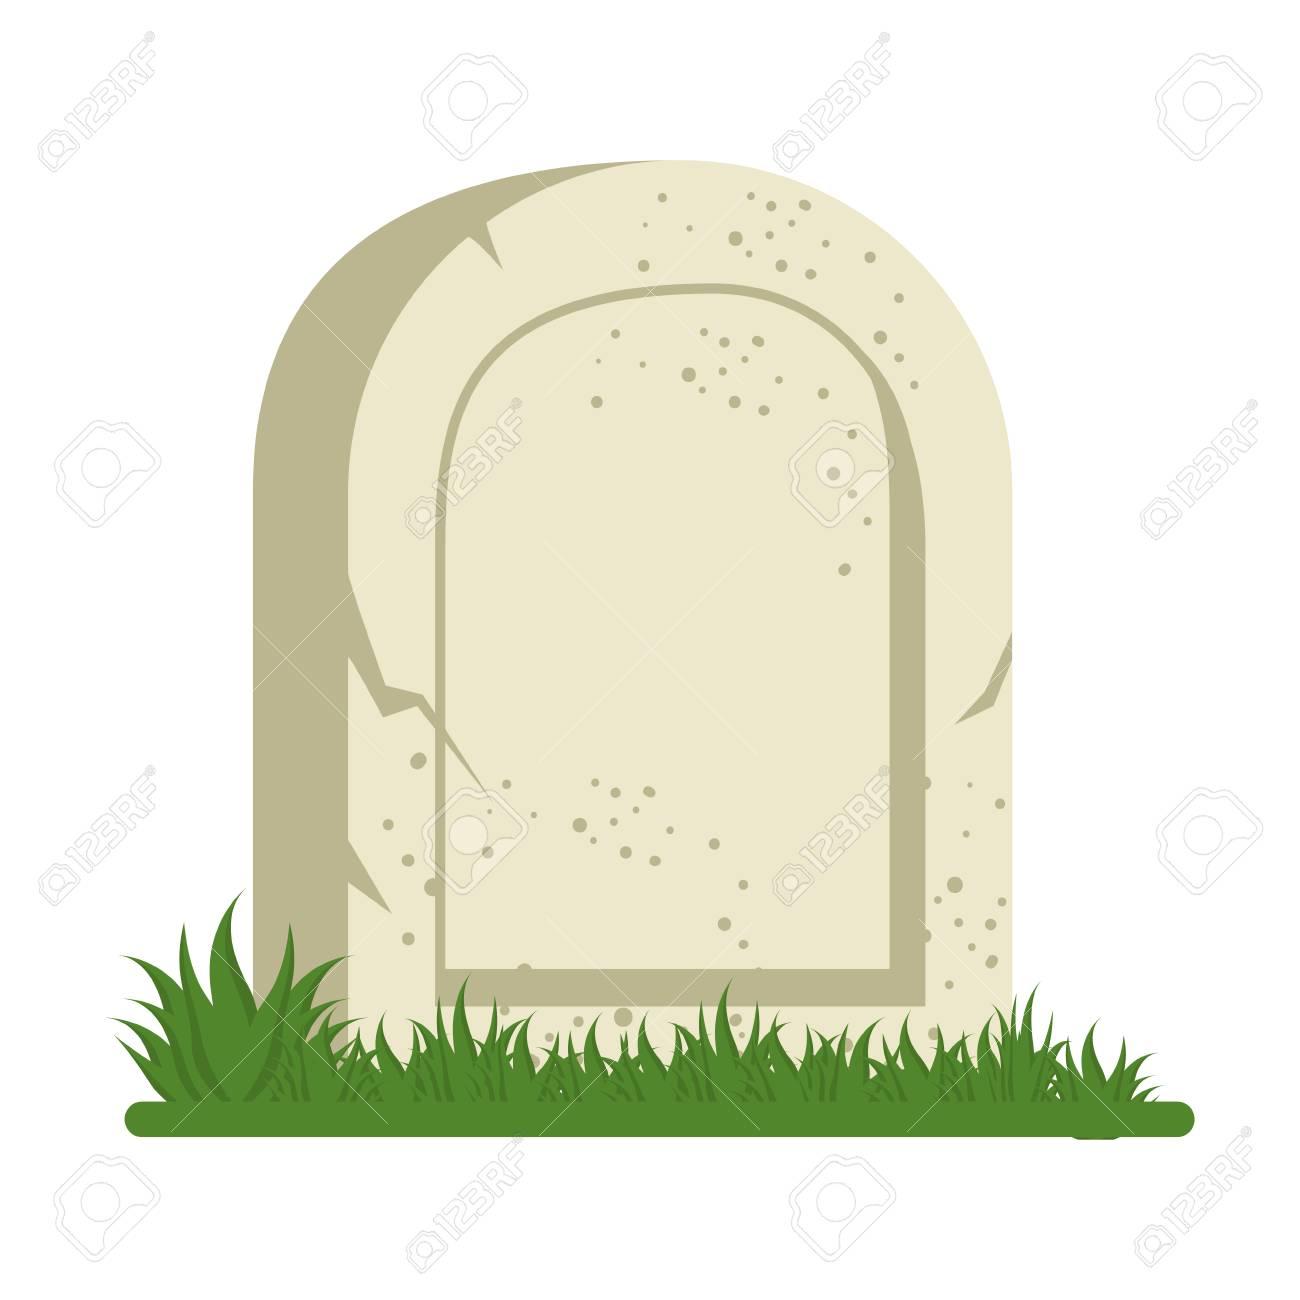 grave of dead icon vector illustration design - 88886981